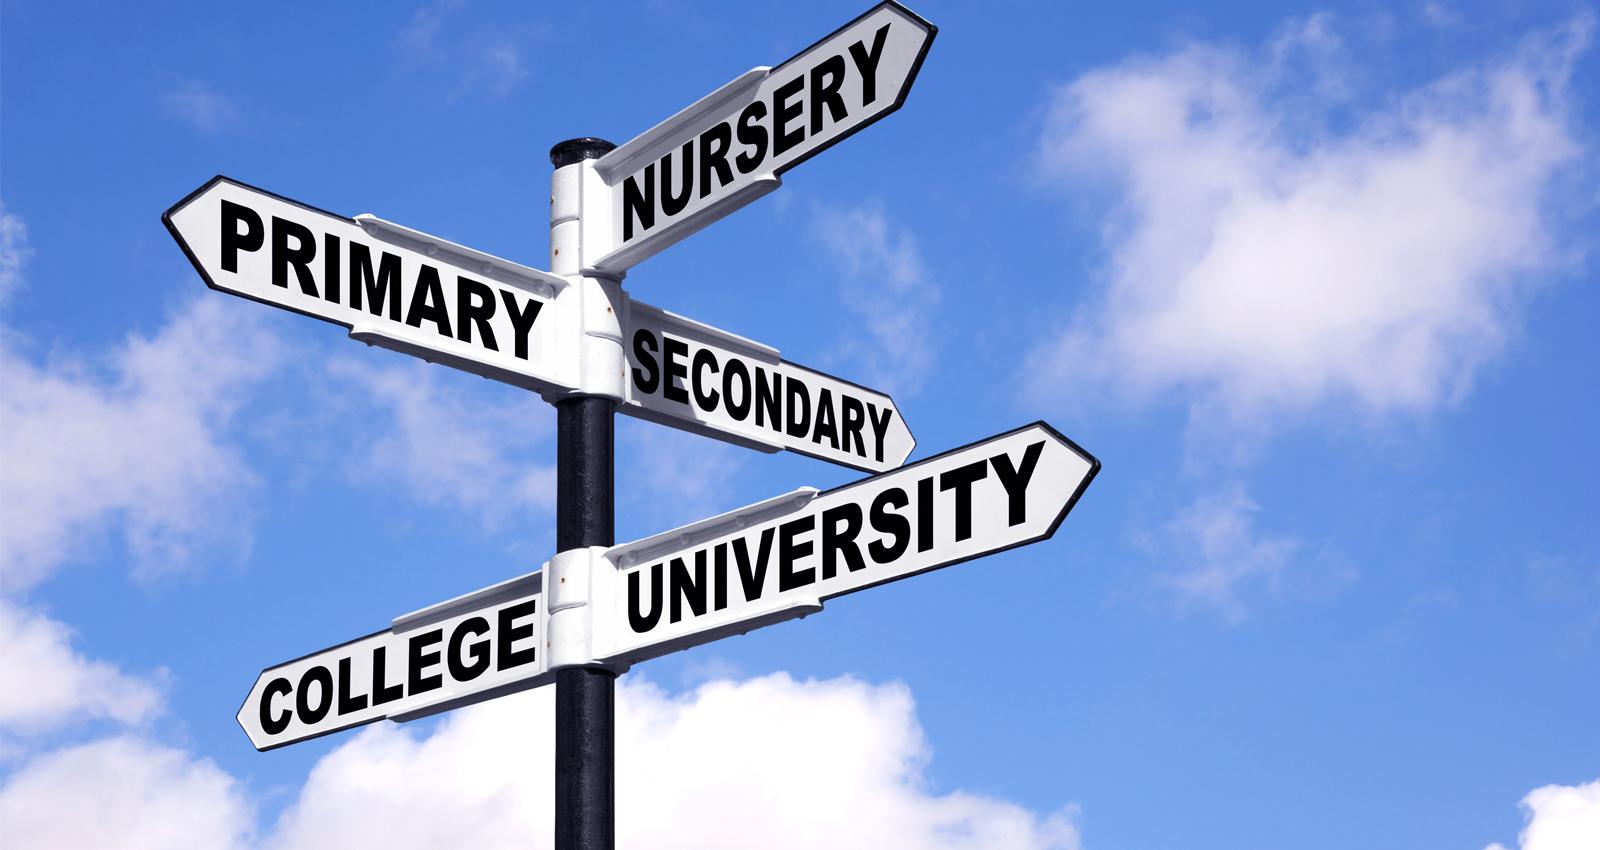 Panneau de signalisation avec les noms des classes